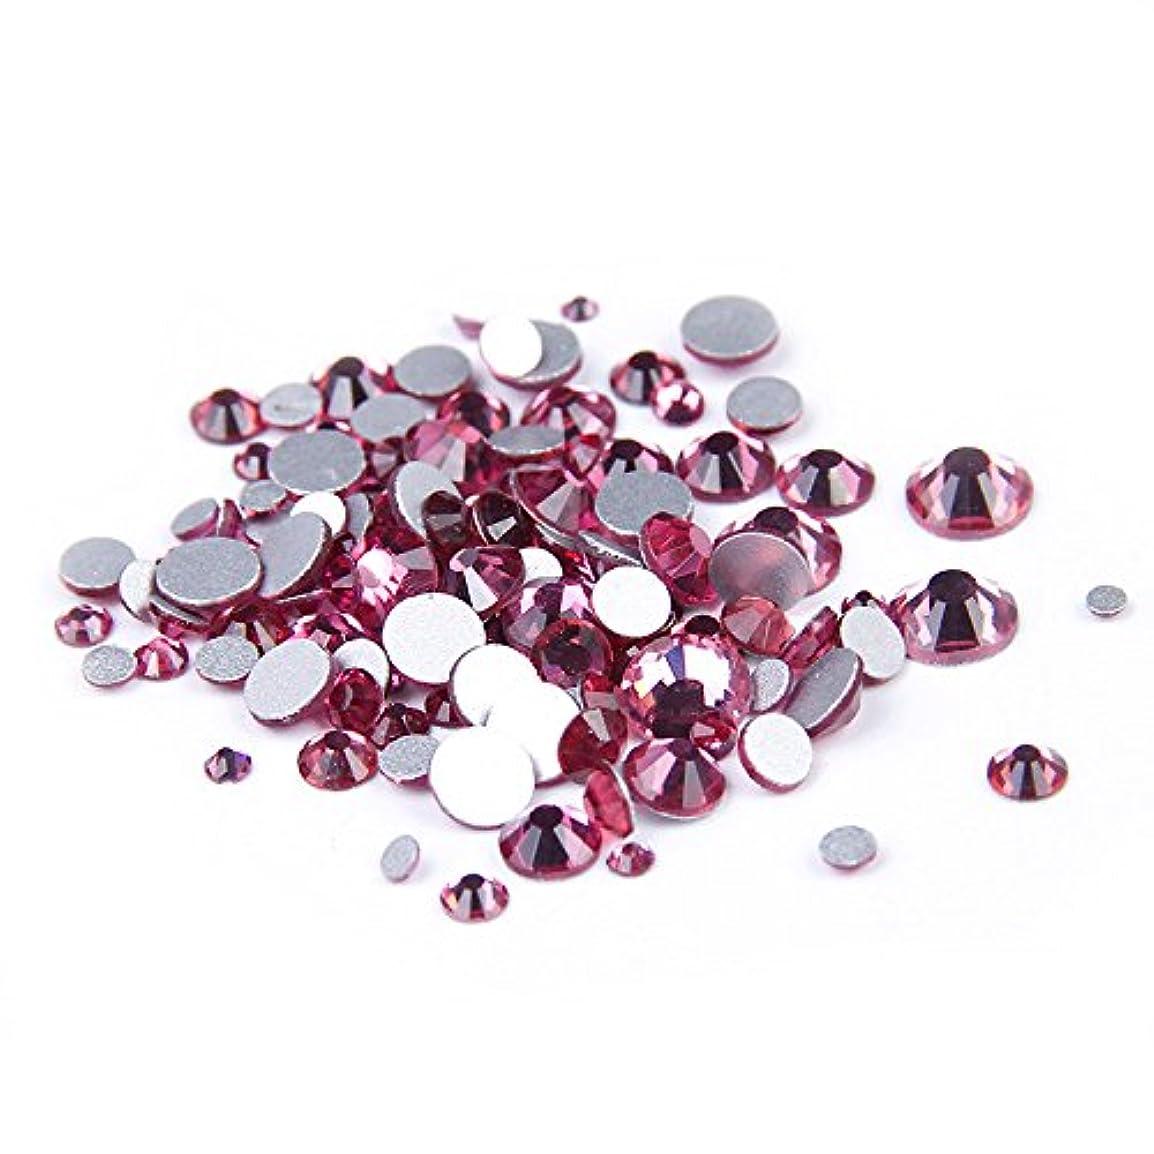 Nizi ジュエリー ブランド ローズ ラインストーン は ガラスの材質 ネイル使用 型番ss3-ss34 (混合サイズ 1000pcs)